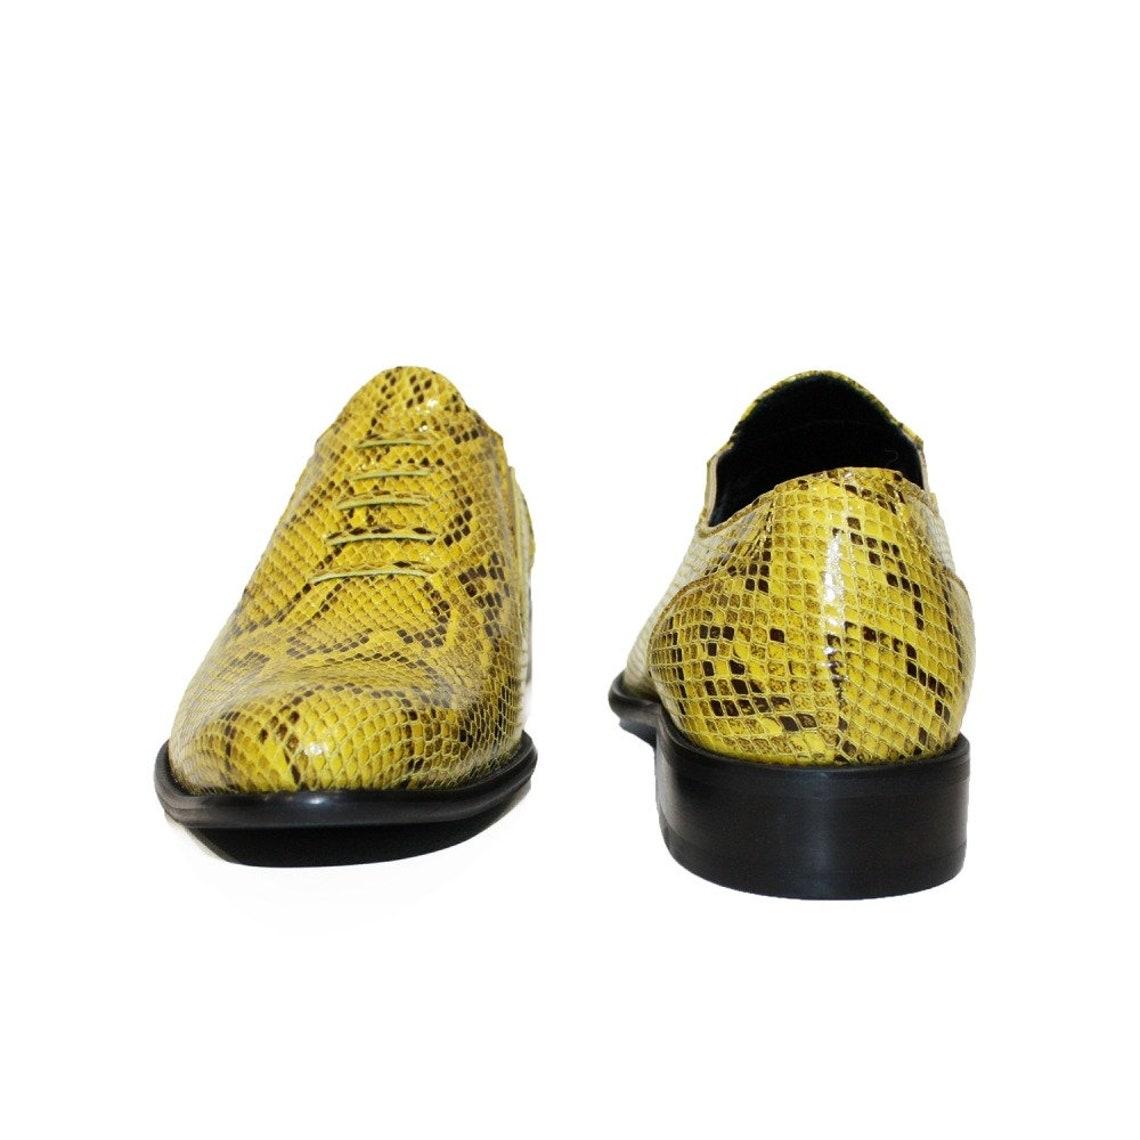 Modello Bucketto - Handmade Scarpe colorate italiani - Scarpe alla moda mO33q3Wv ctTb6B FkmD4f